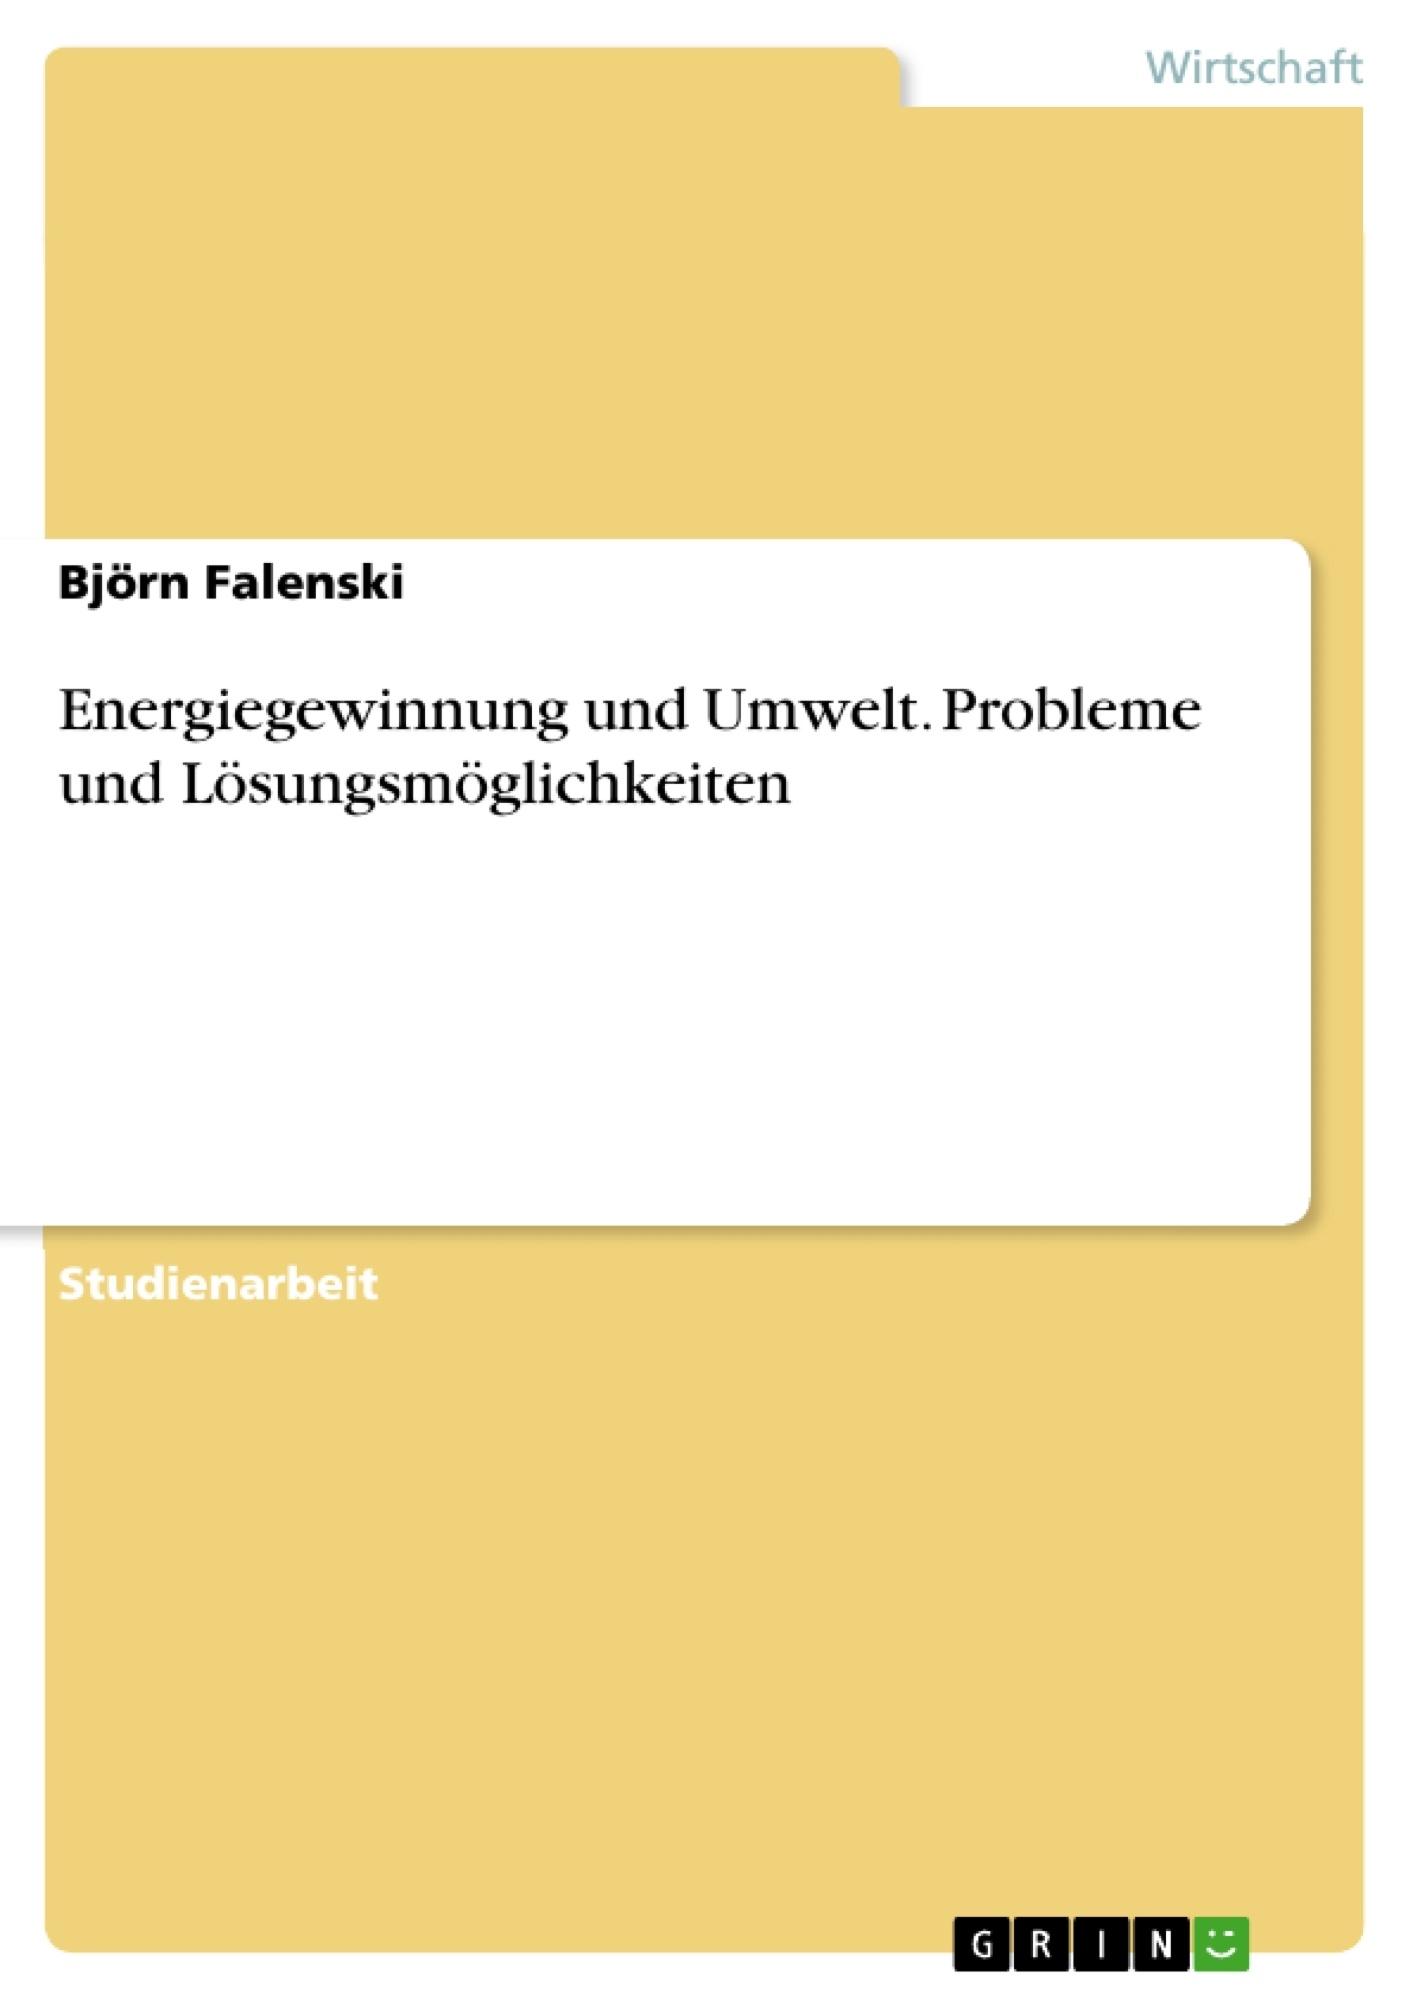 Titel: Energiegewinnung und Umwelt. Probleme und Lösungsmöglichkeiten